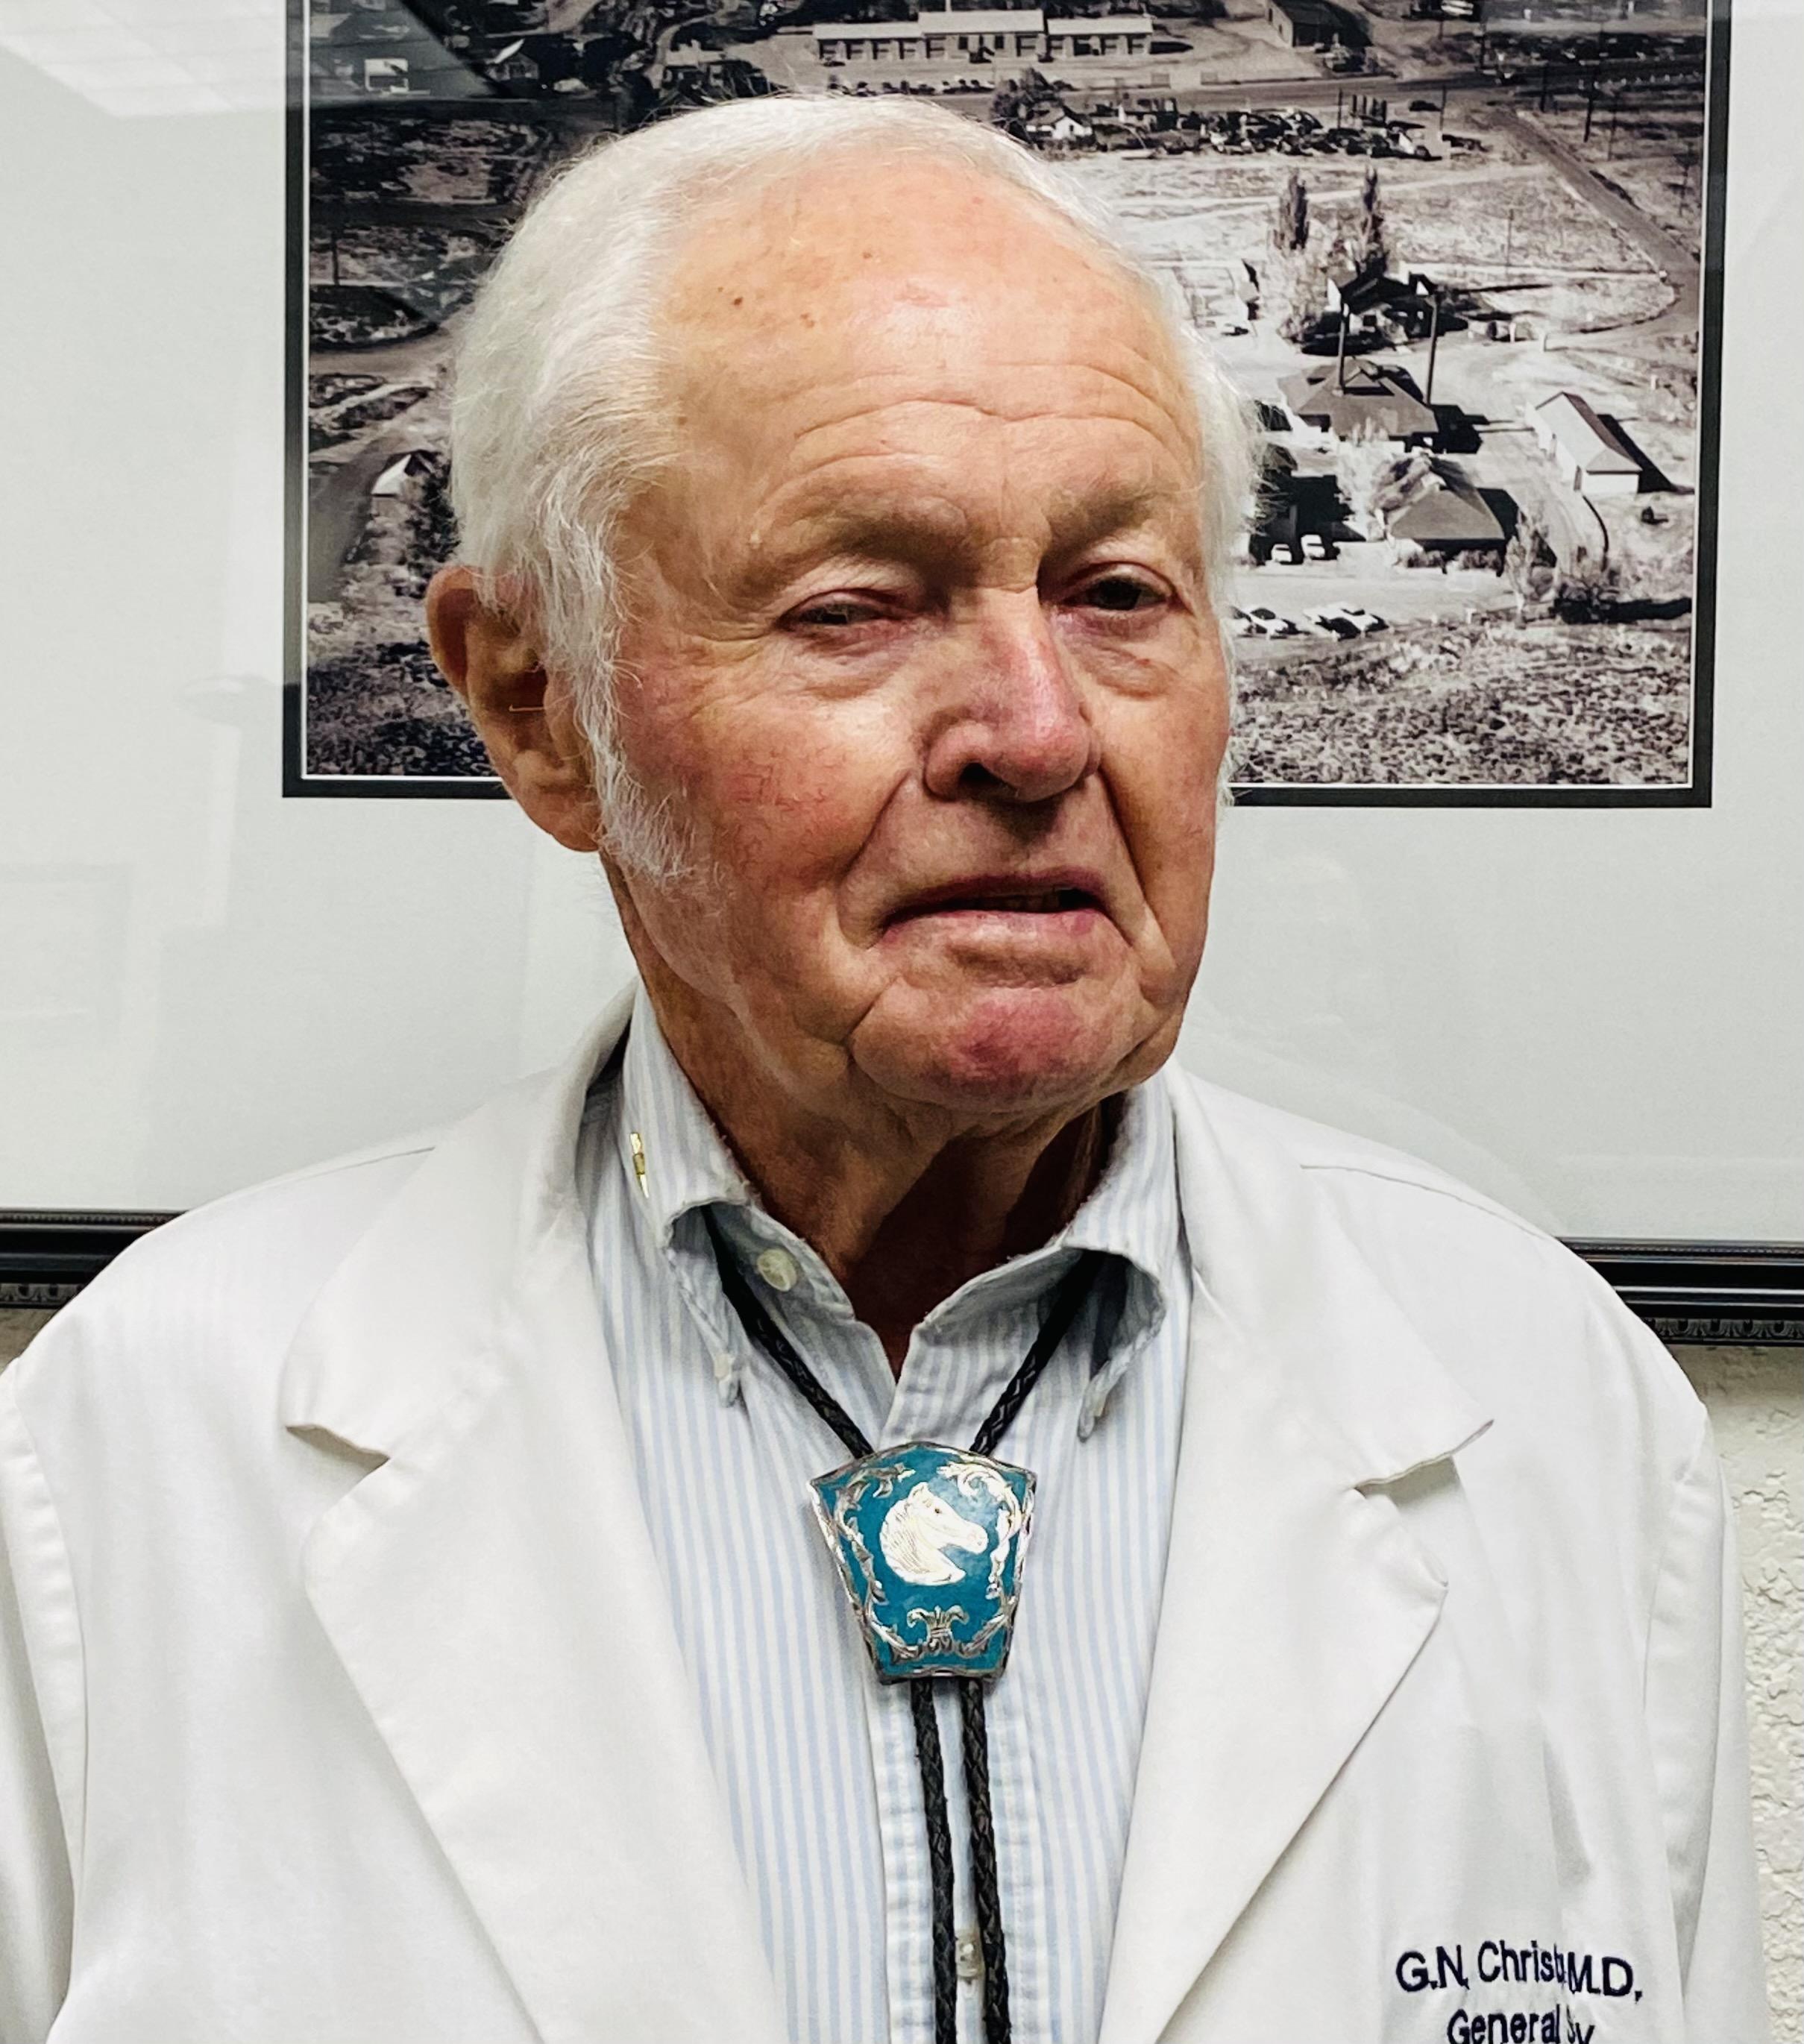 GN Christensen M.D.